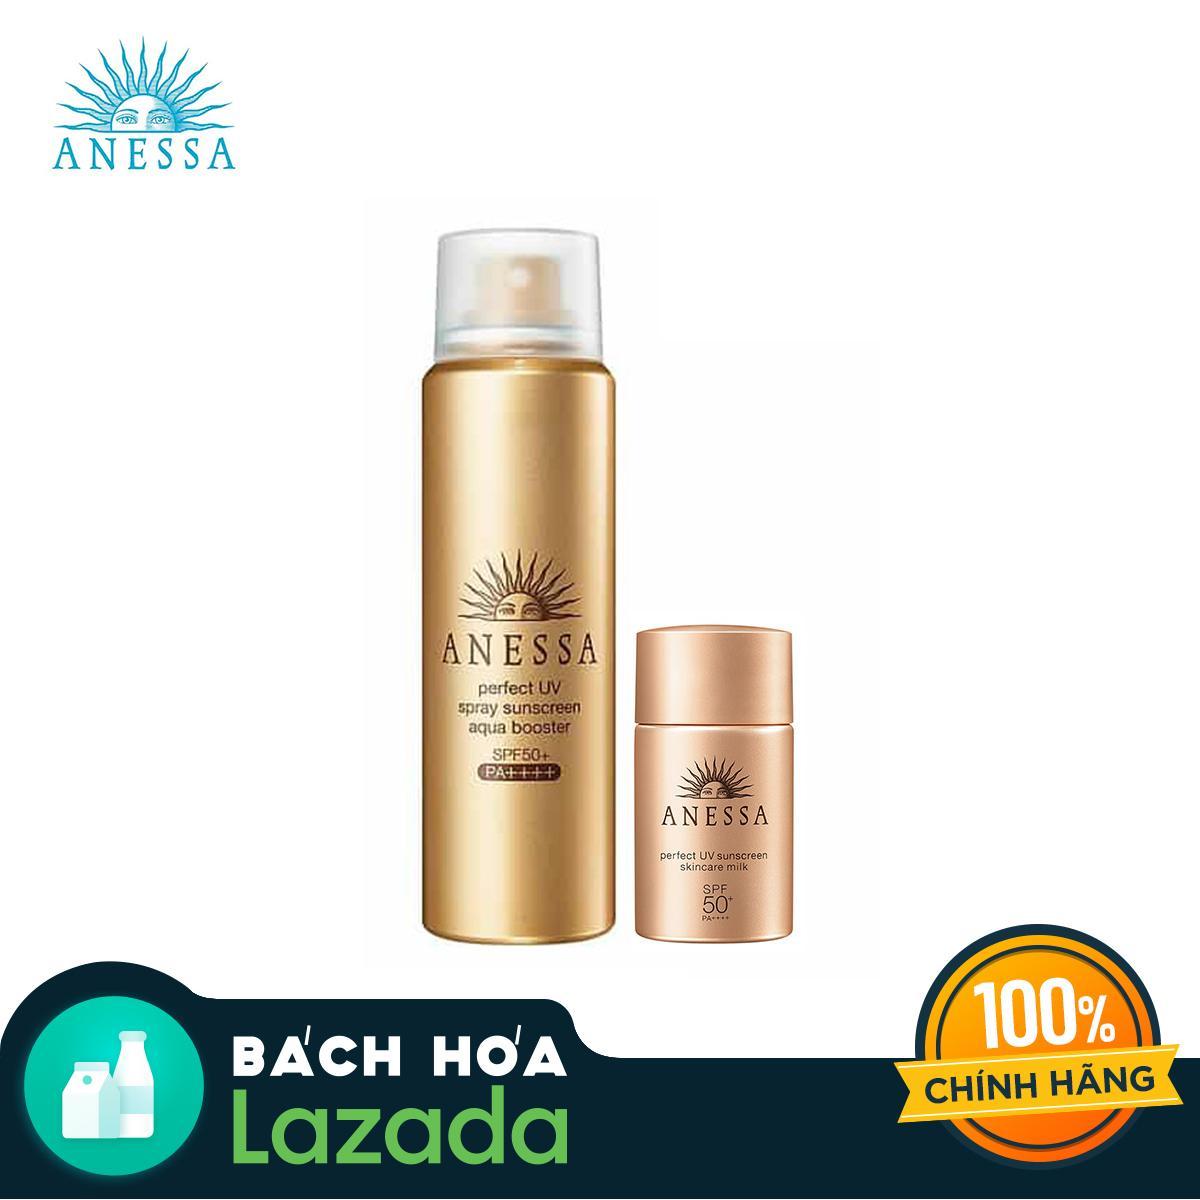 Bộ đôi Xịt chống nắng tiện lợi khô thoáng và Sữa chống nắng kiềm dầu bảo vệ hoàn hảo Anessa Perfect UV Sunscreen Skincare không nhờn rít (Skincare Spray 60g + Skincare Milk 20ml) tốt nhất